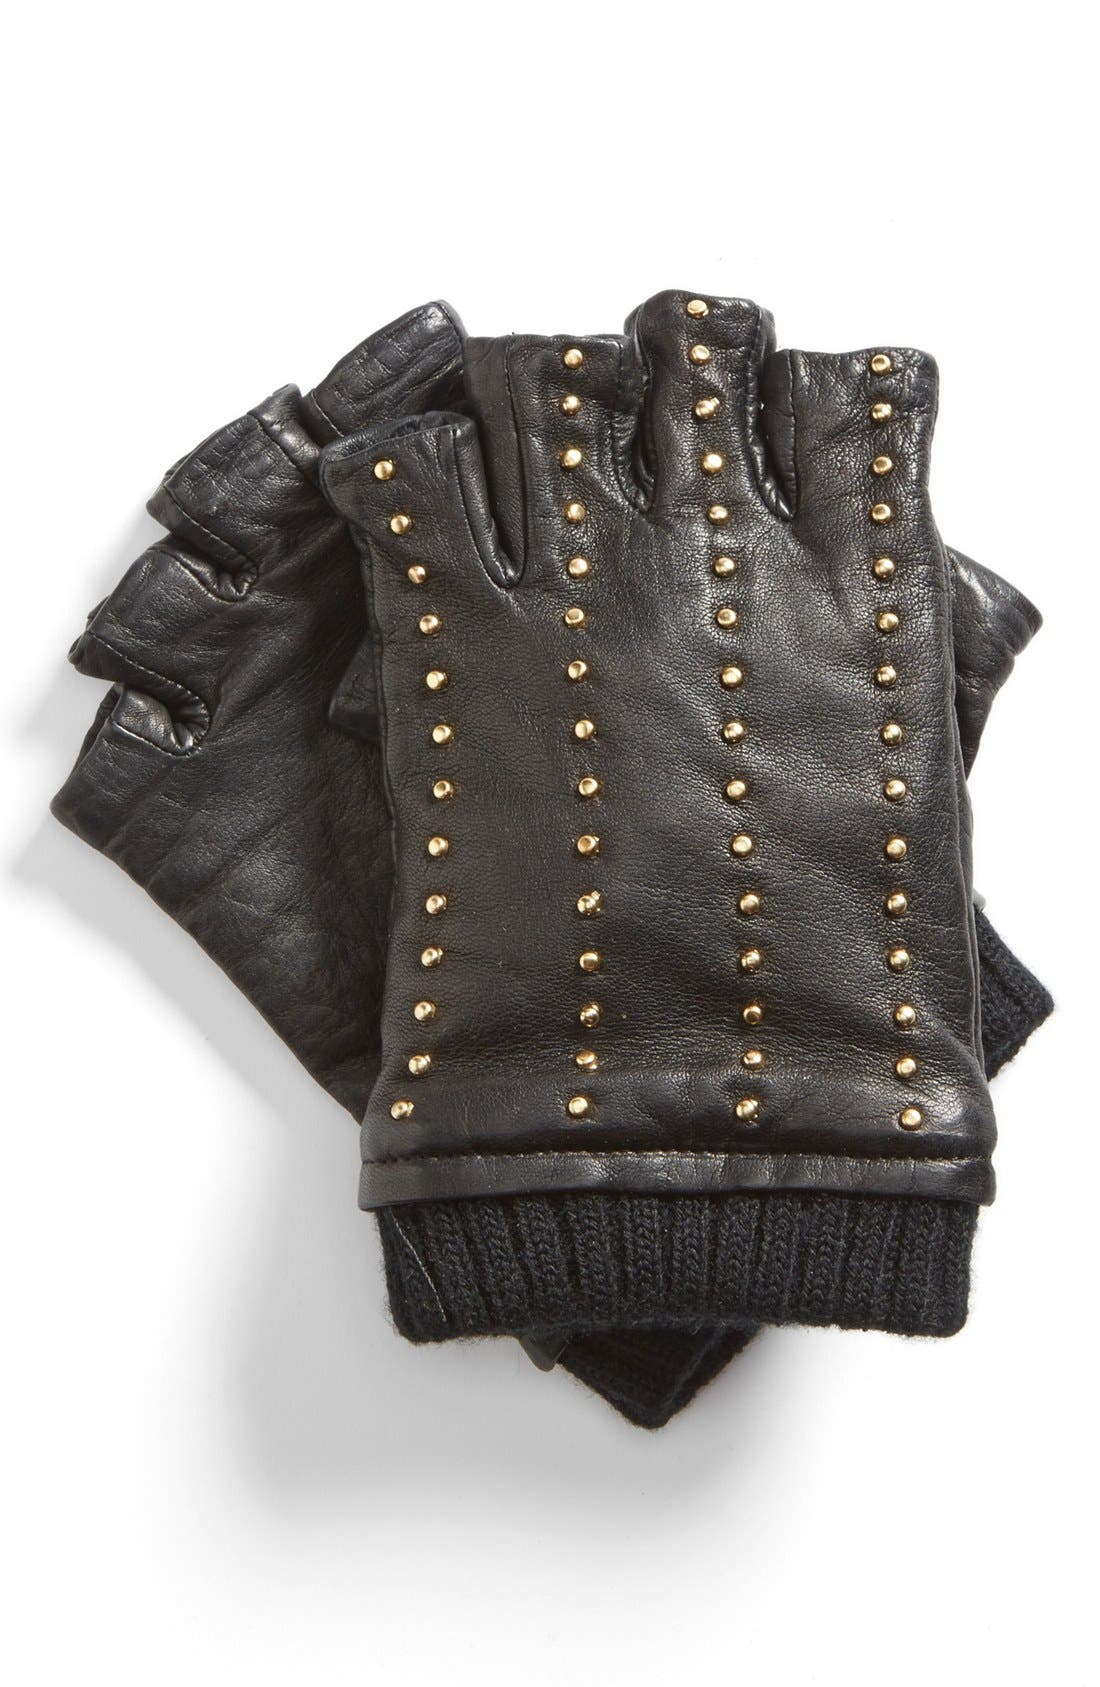 Alternate Image 1 Selected - MICHAEL Michael Kors Studded Fingerless Gloves